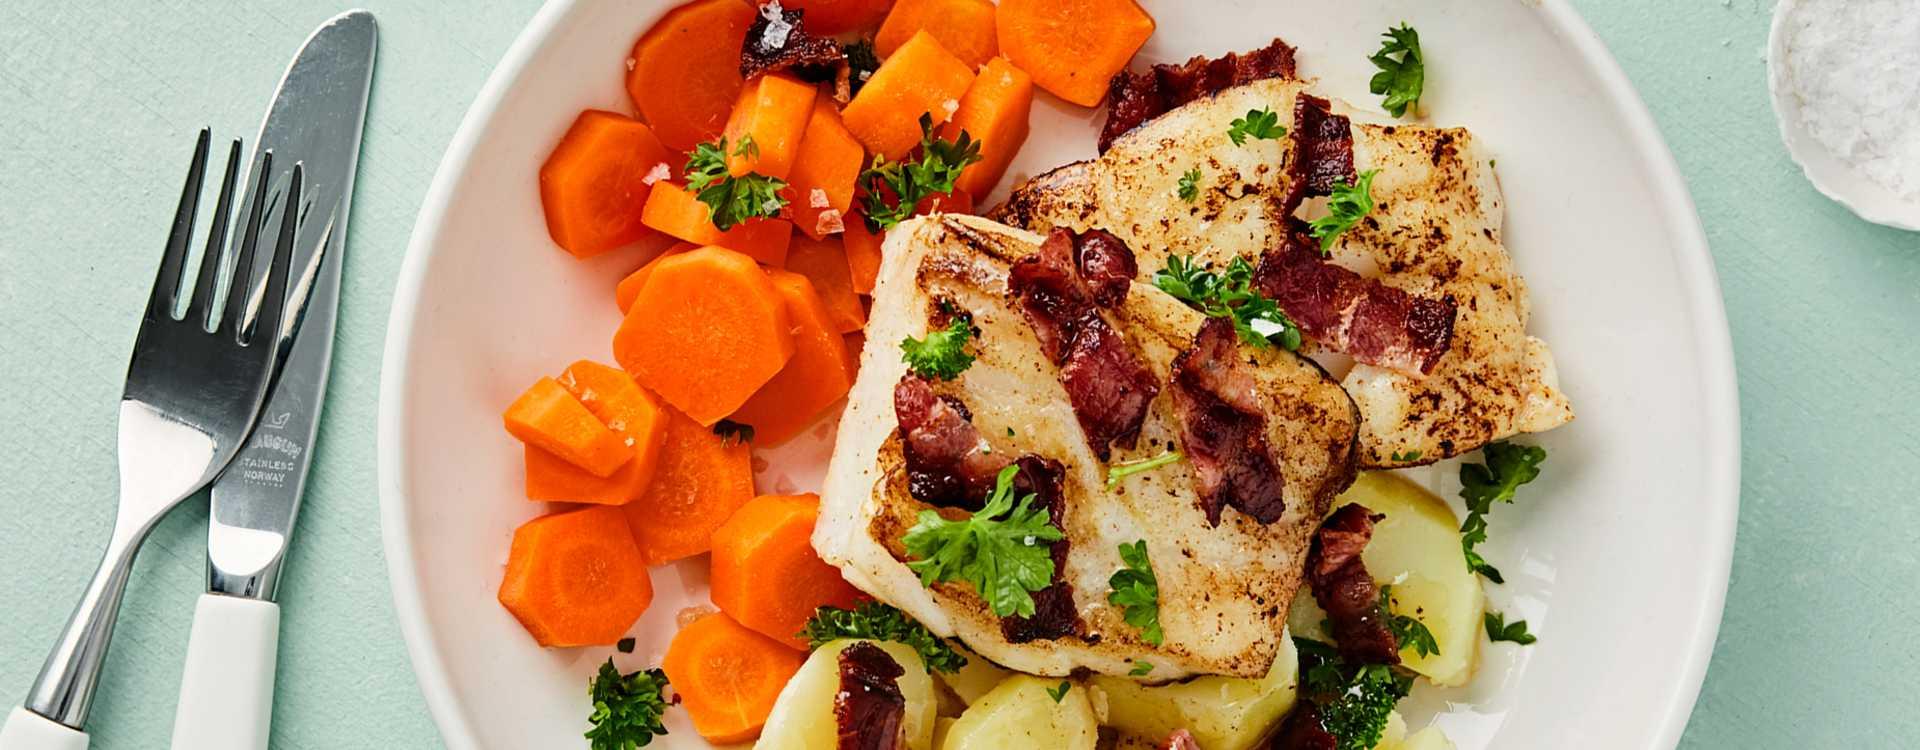 Torskefilet med gulrøtter, poteter og sprøstekt bacon